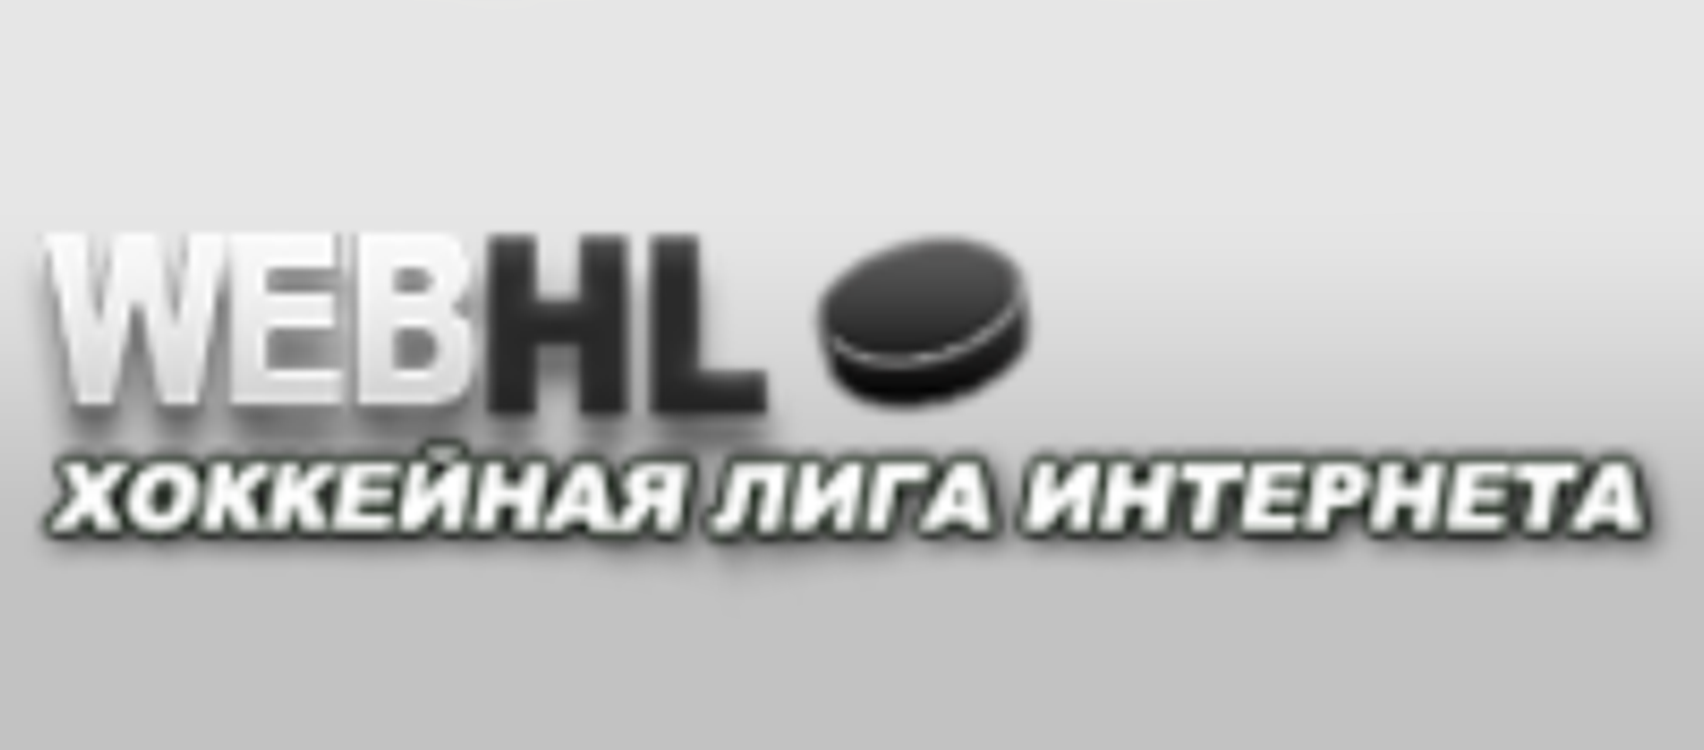 Хоккейная лига Интернета  (lg)